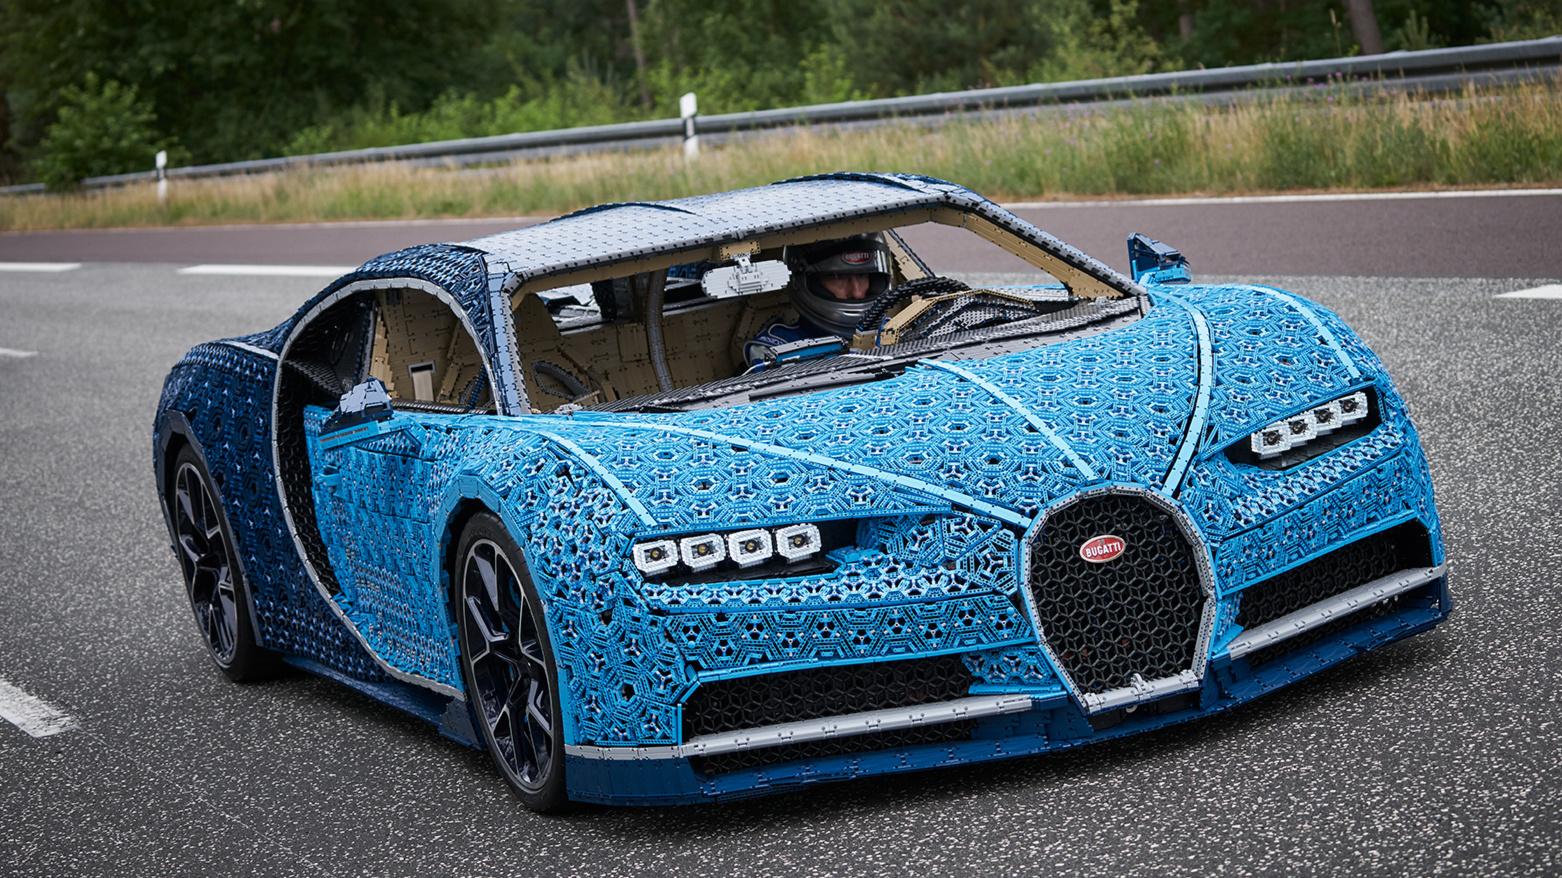 lego-technic-bugatti-chiron--1394.jpeg